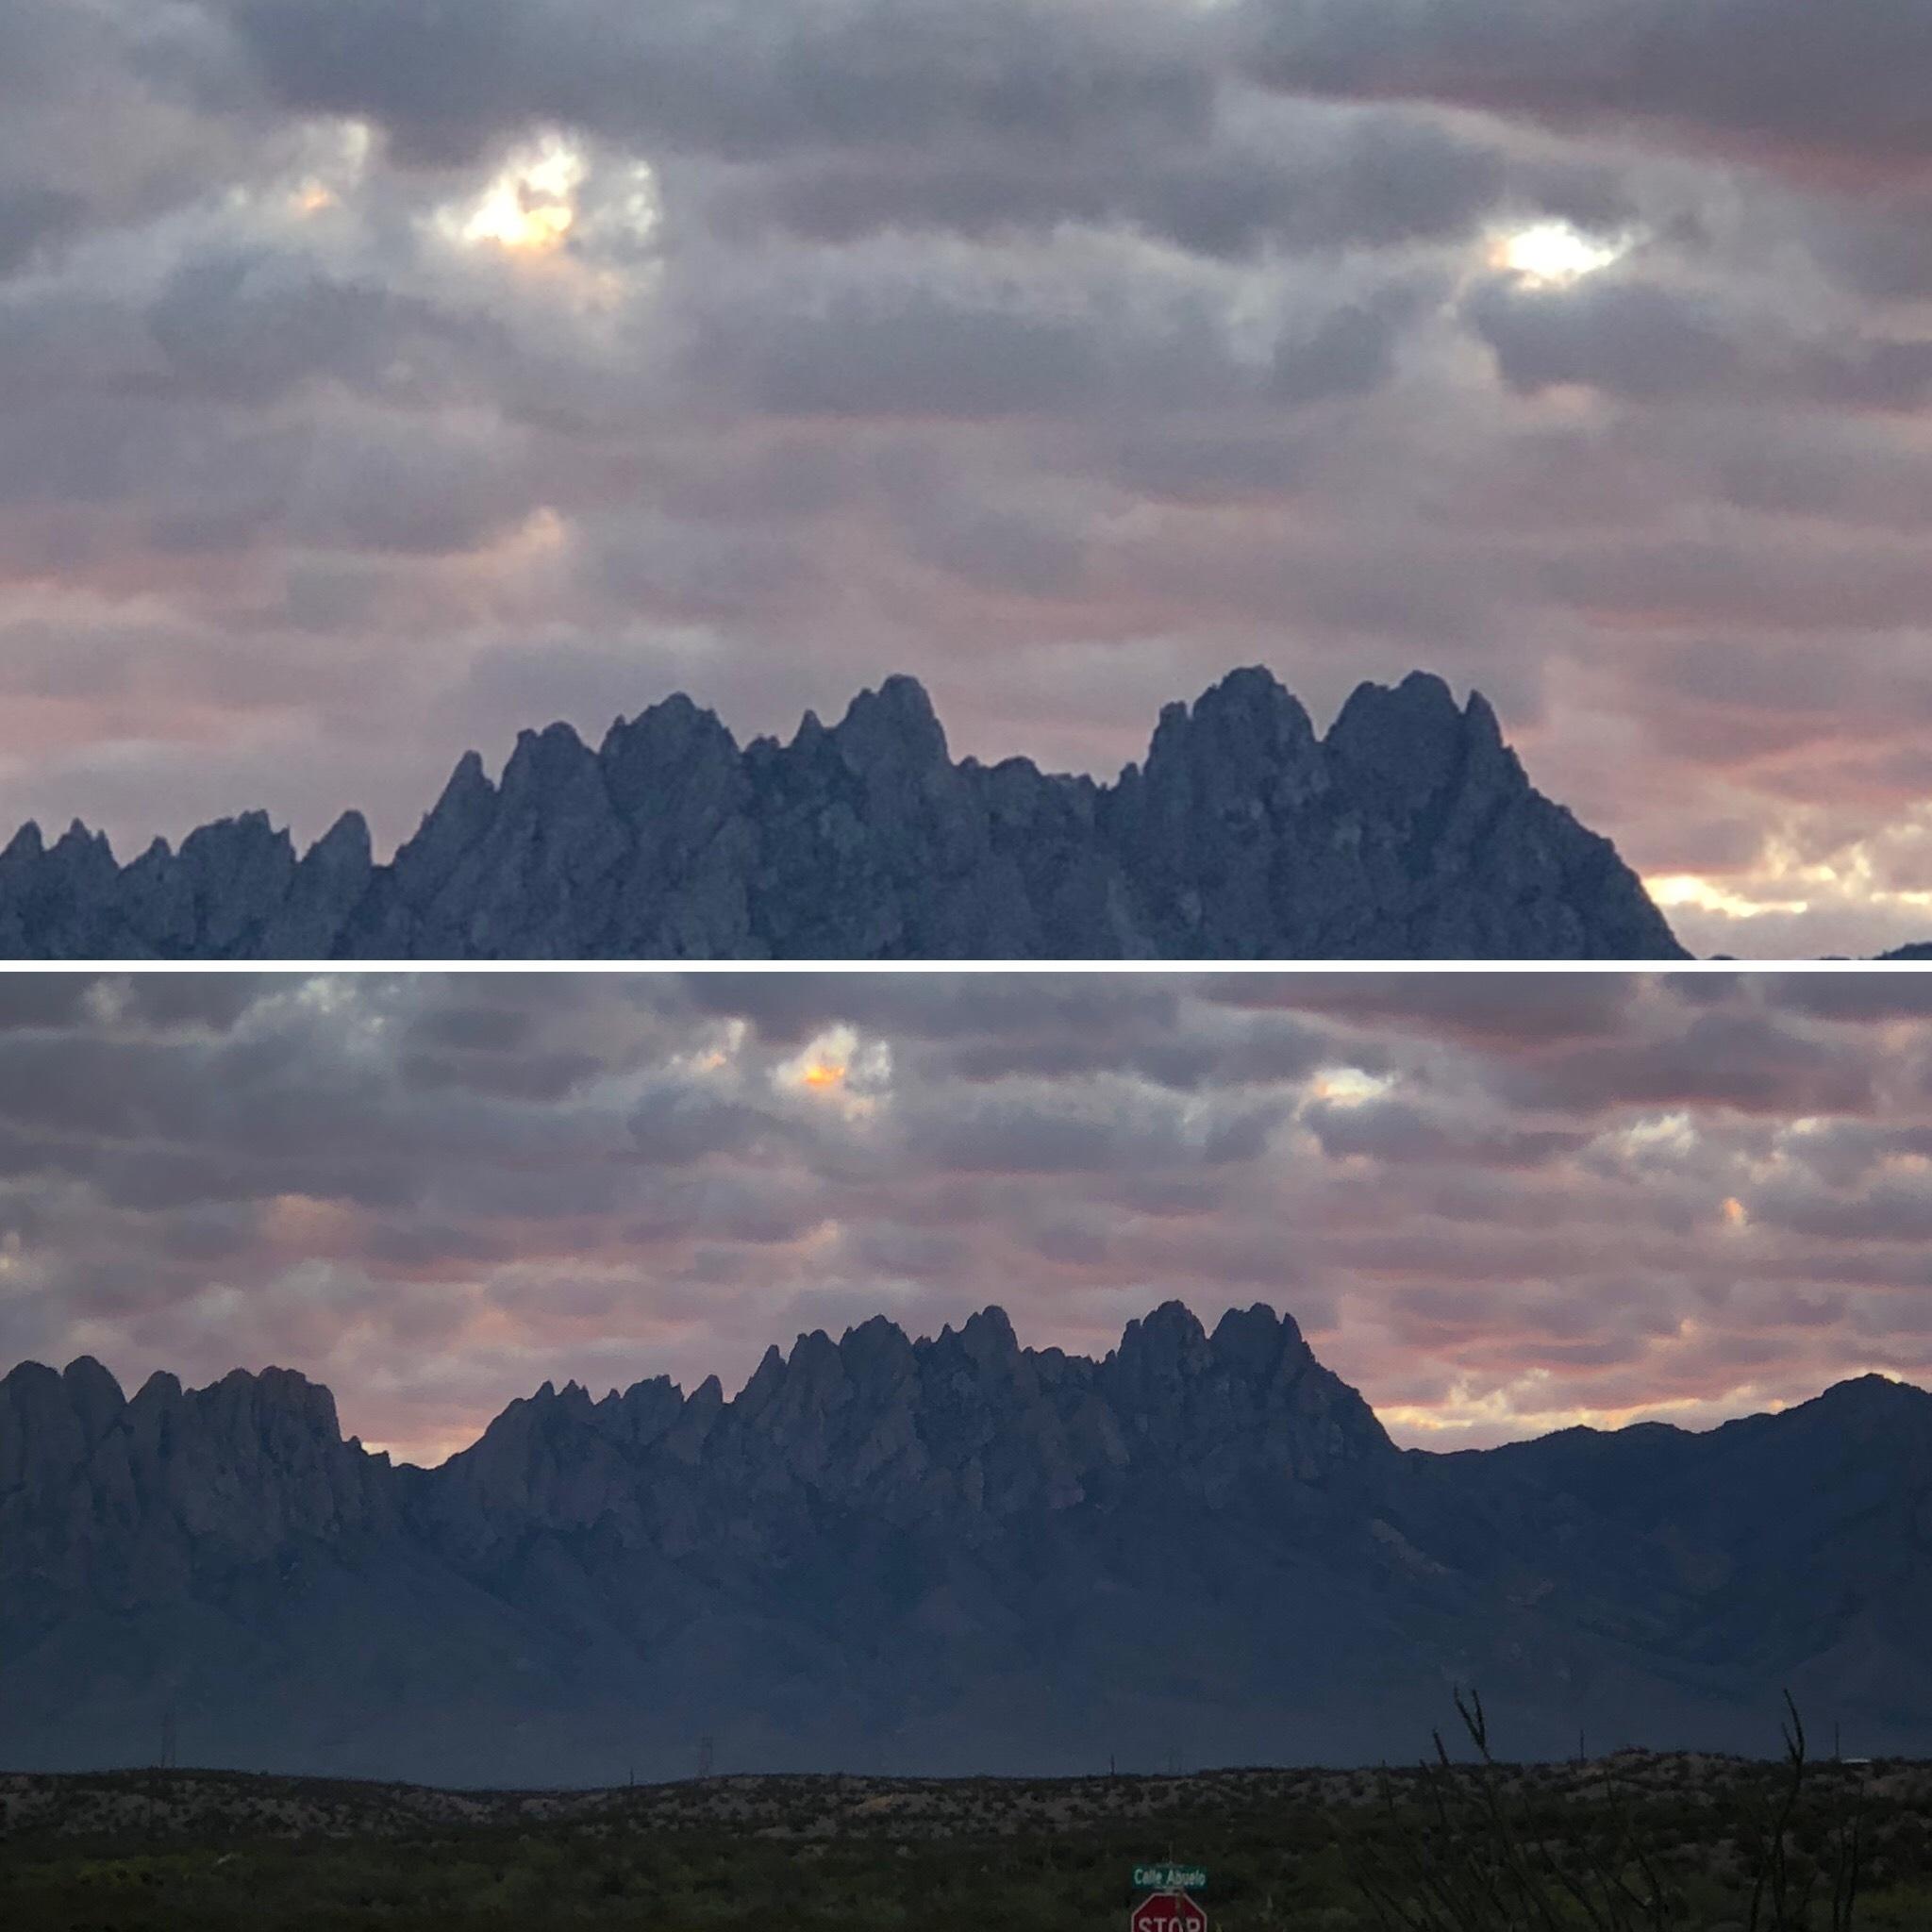 image of organ mountains